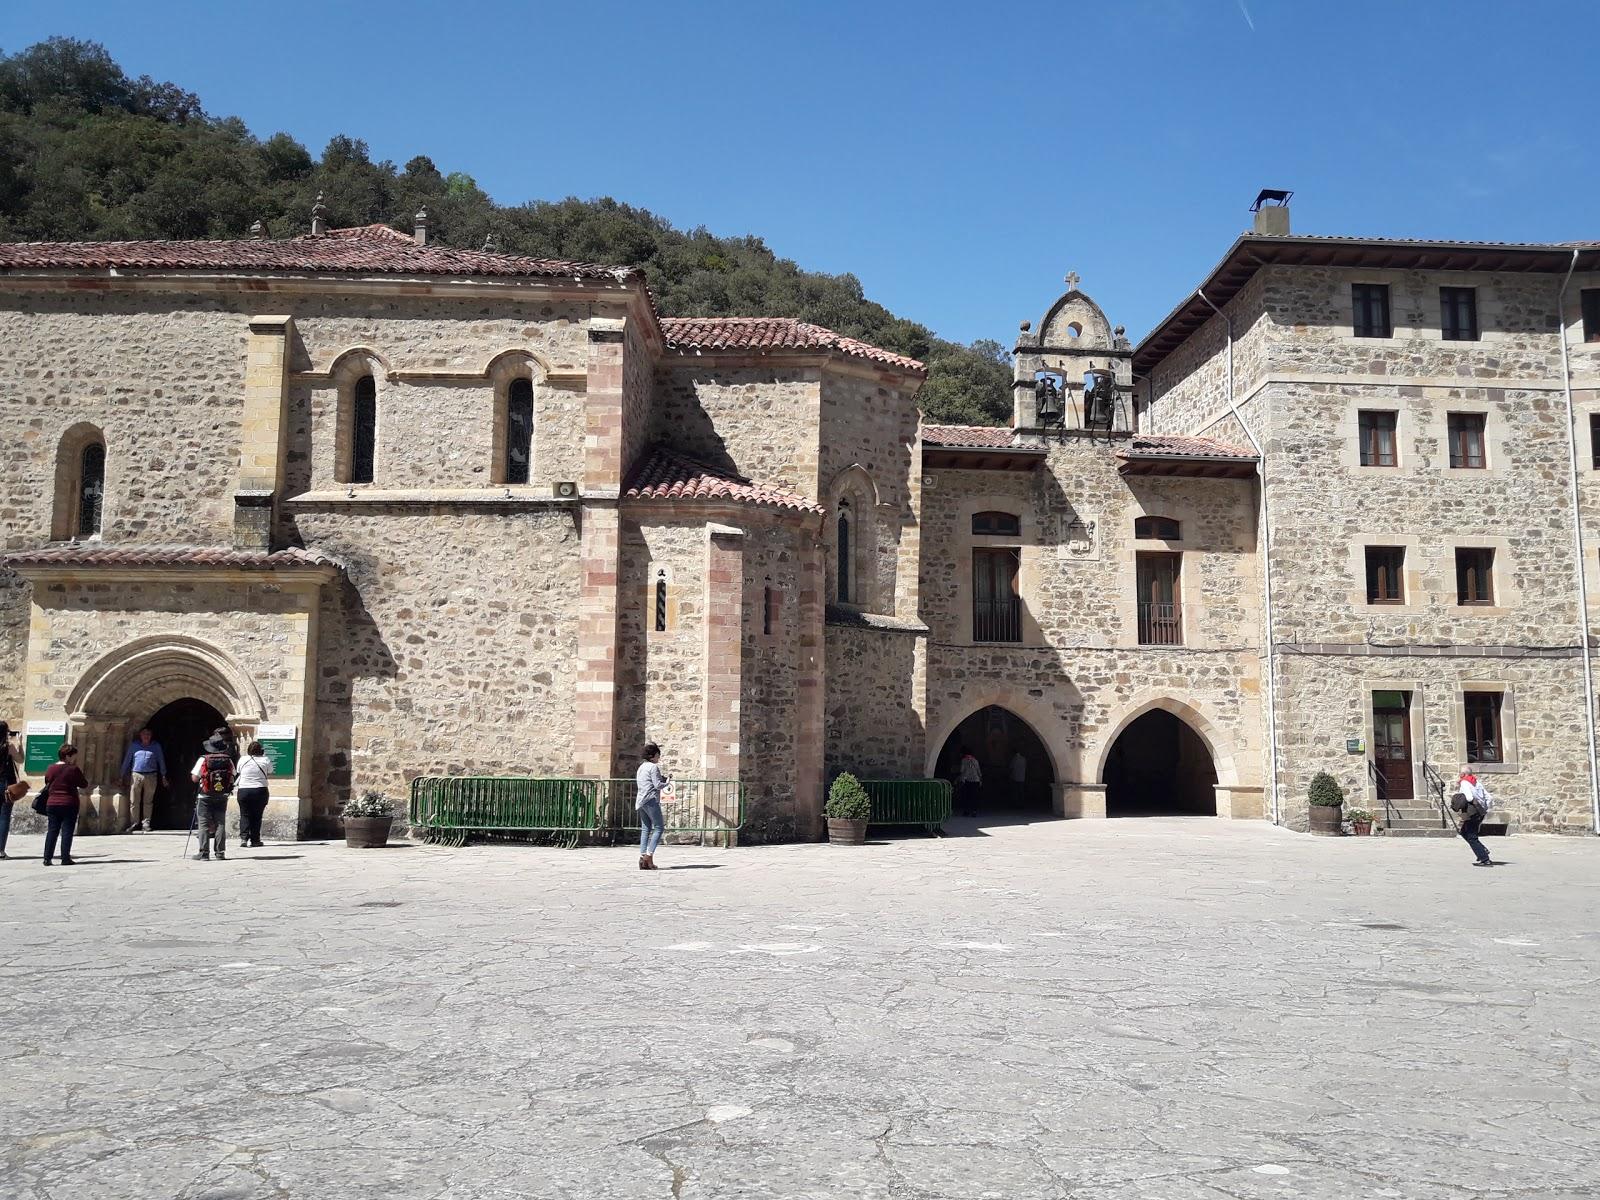 Monasterio del Santo Toribio de Liébana